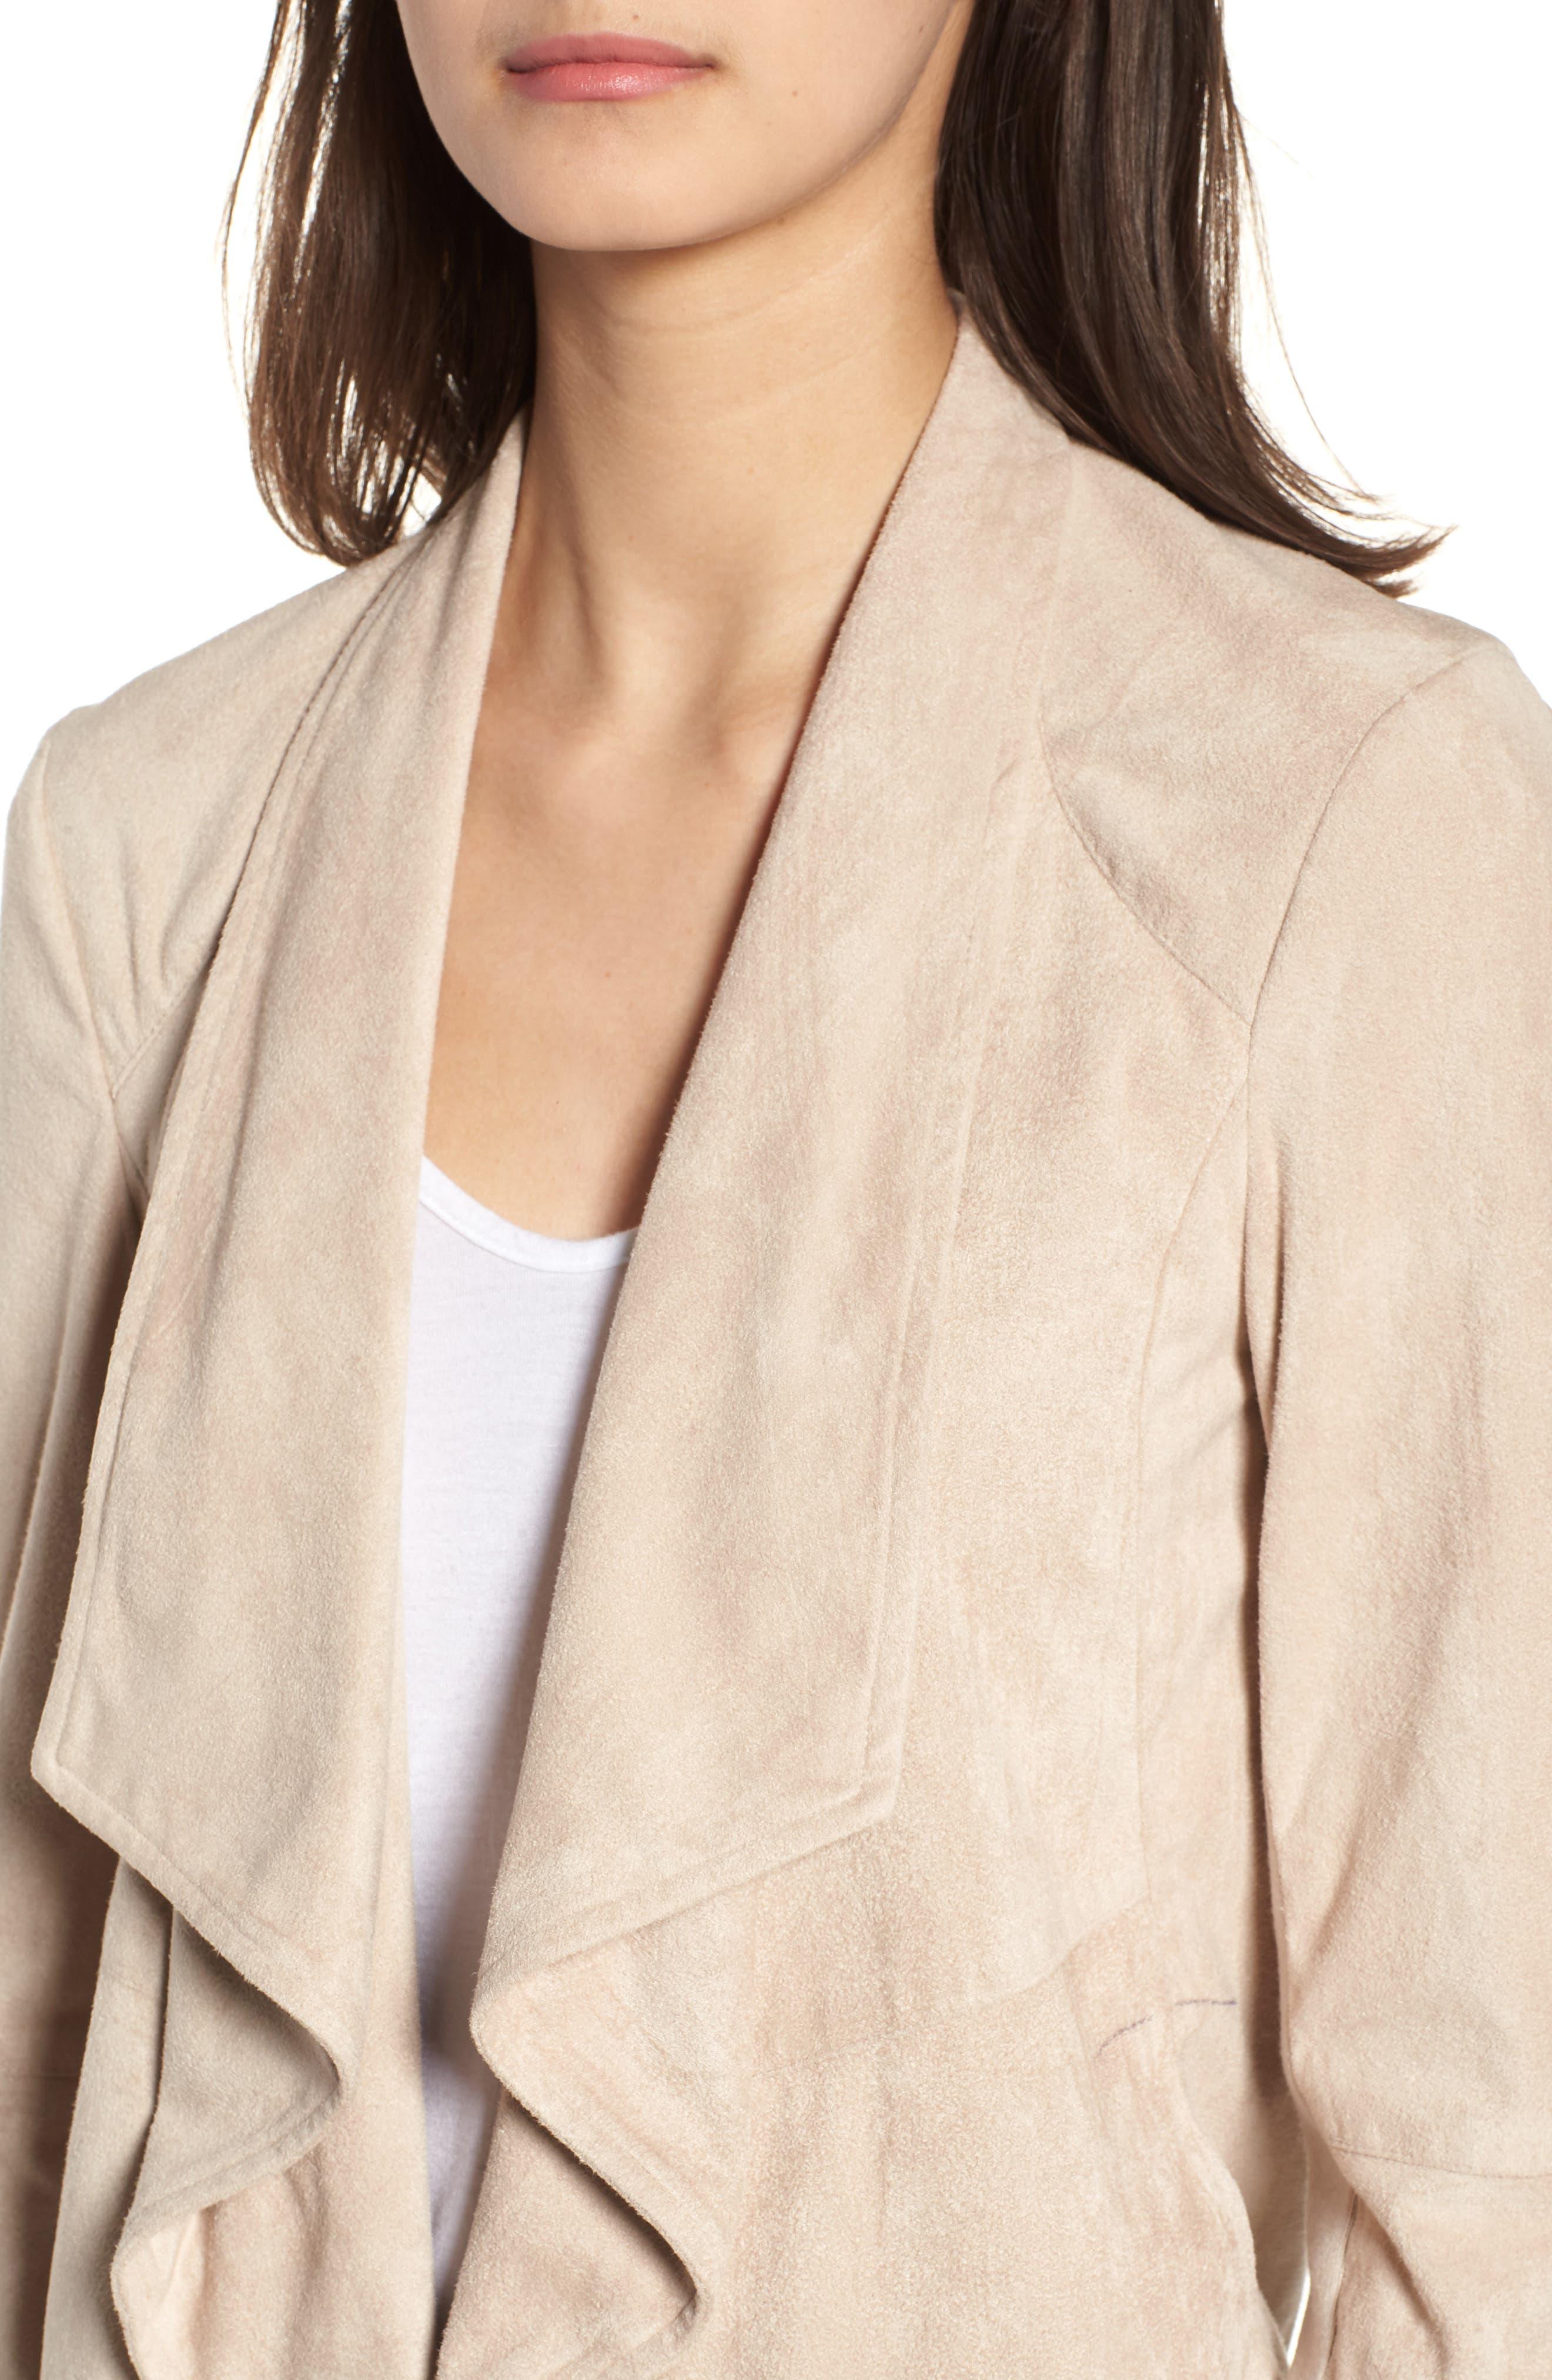 'Nicholson' Faux Suede Drape Front Jacket,                             Alternate thumbnail 4, color,                             Bone